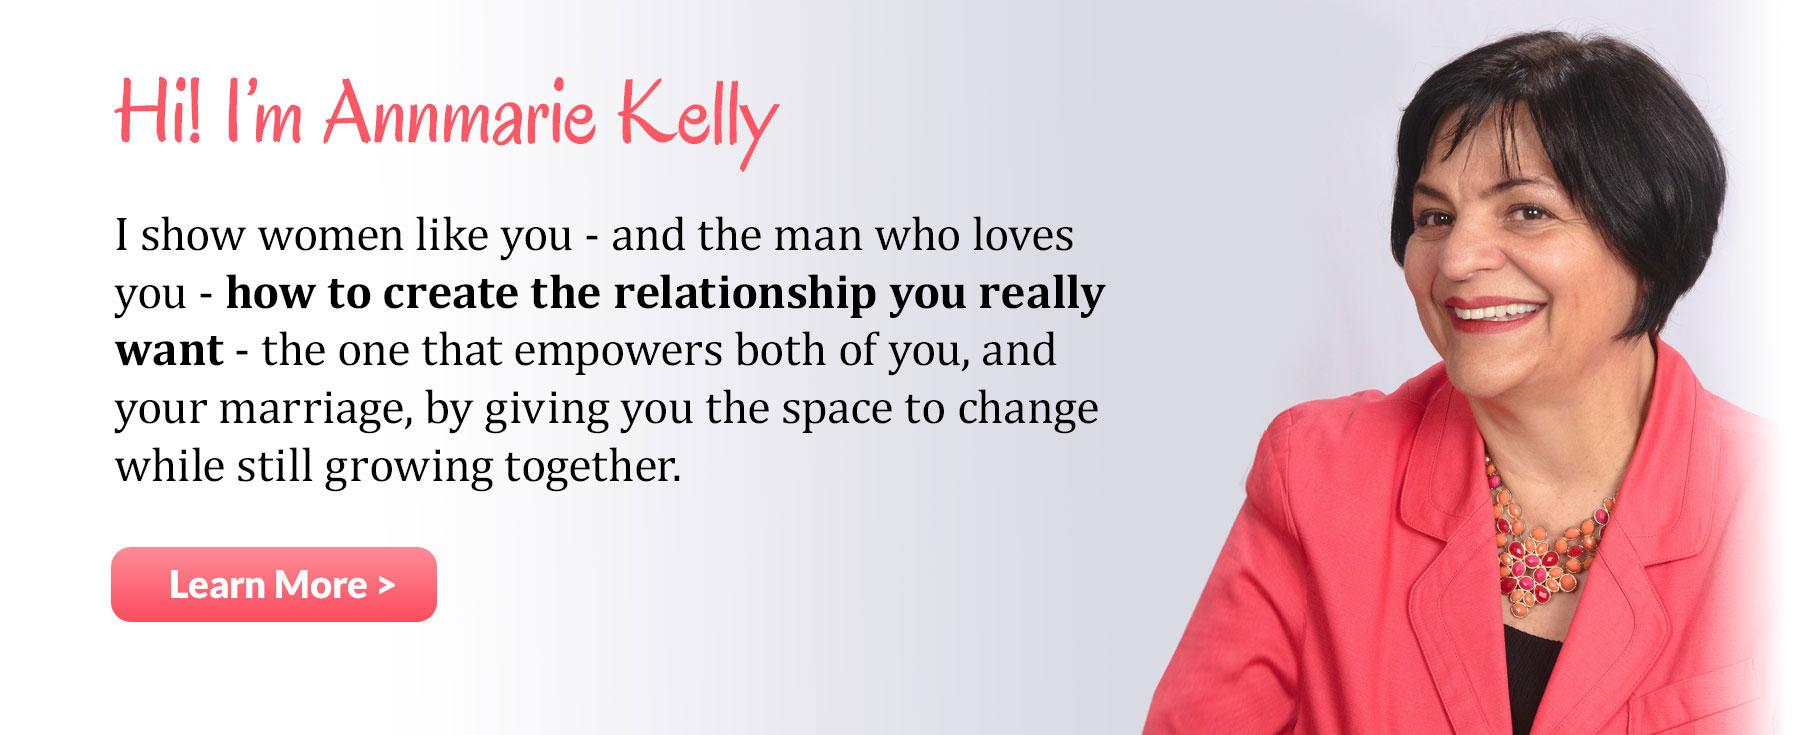 Annmarie Kelly, Author, Speaker, Empowering women